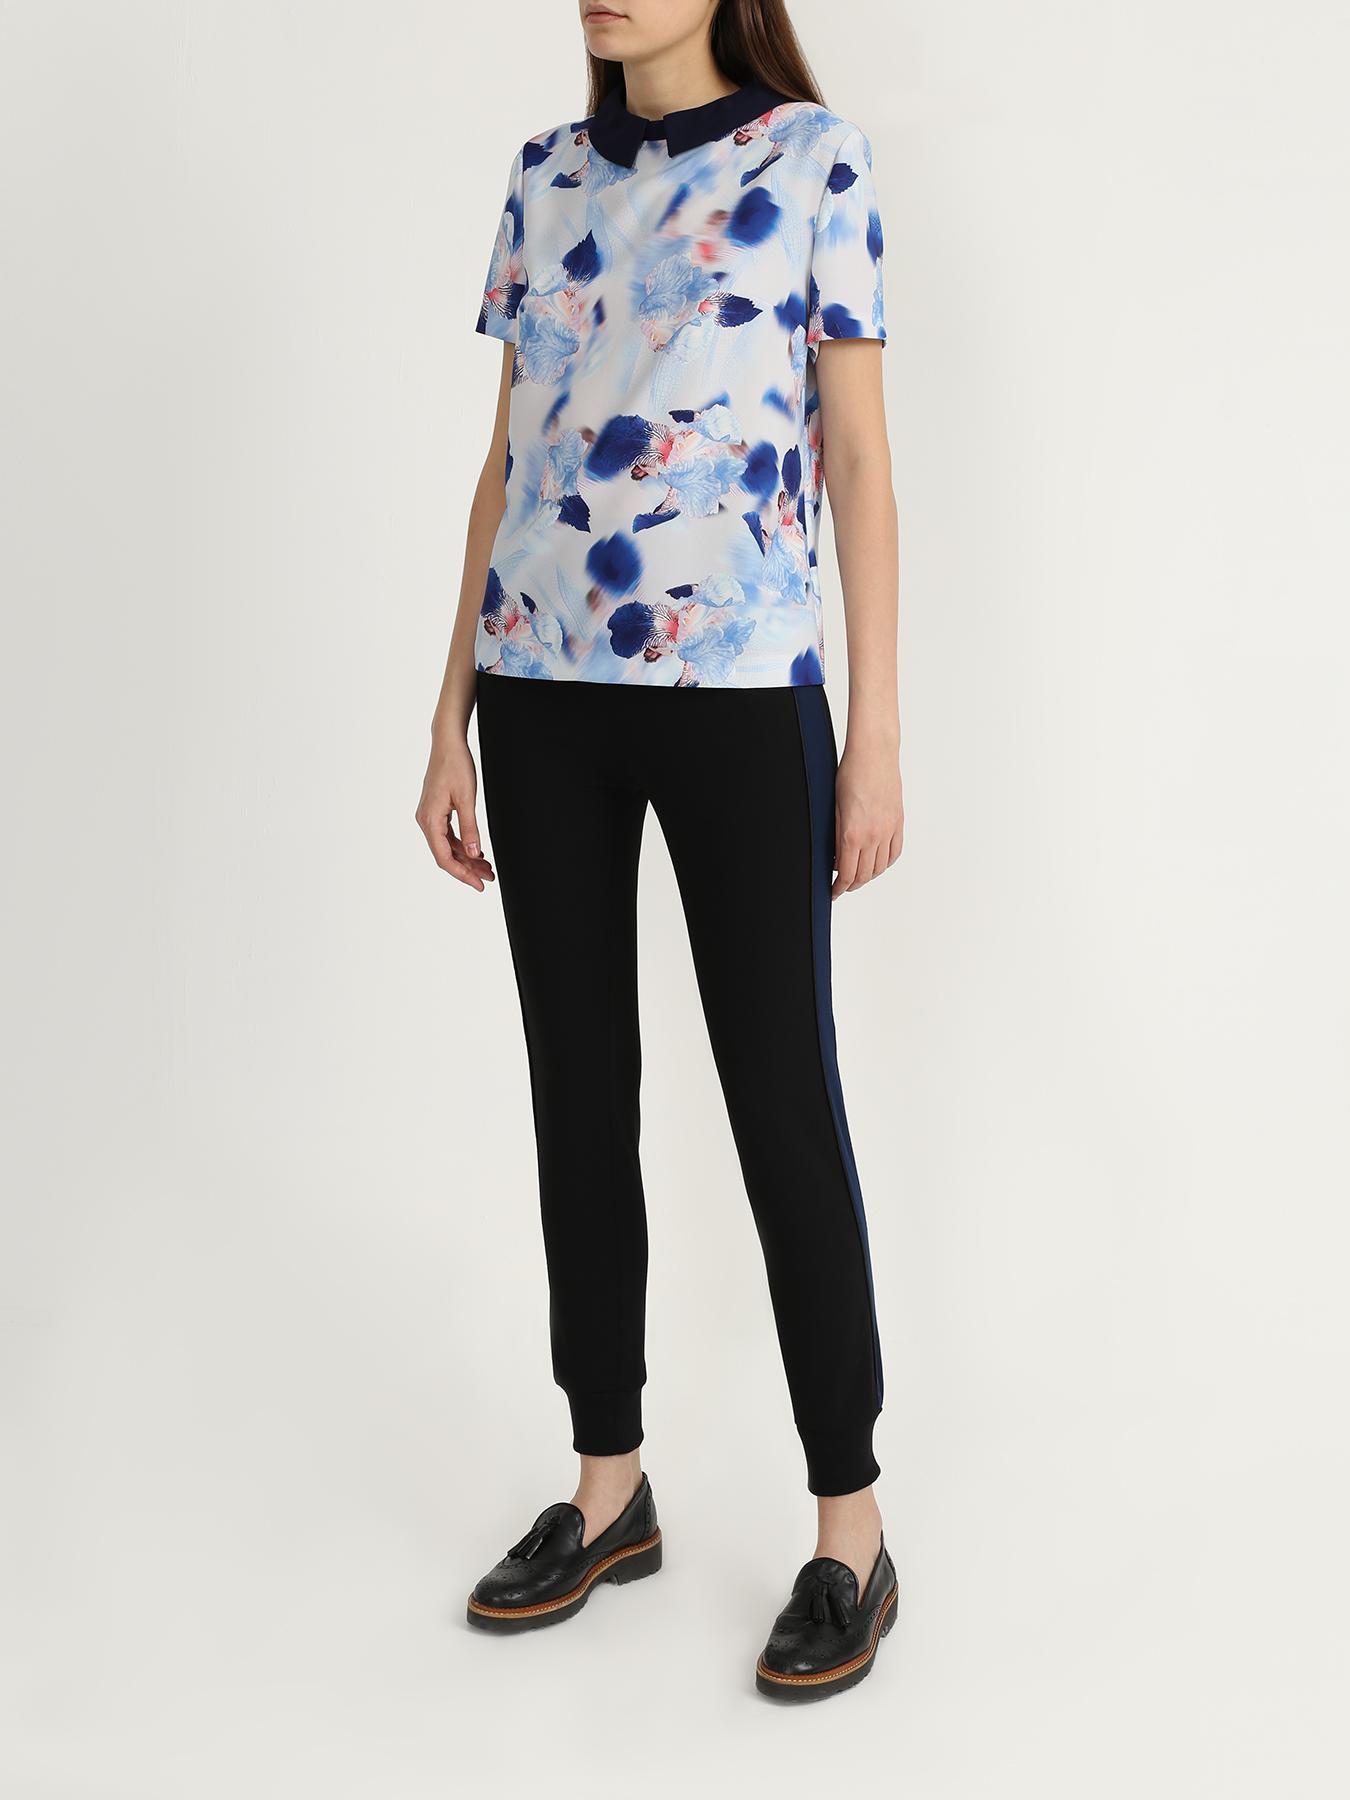 Блузка Korpo Блузка с воротом блузка lime блузка с завязками